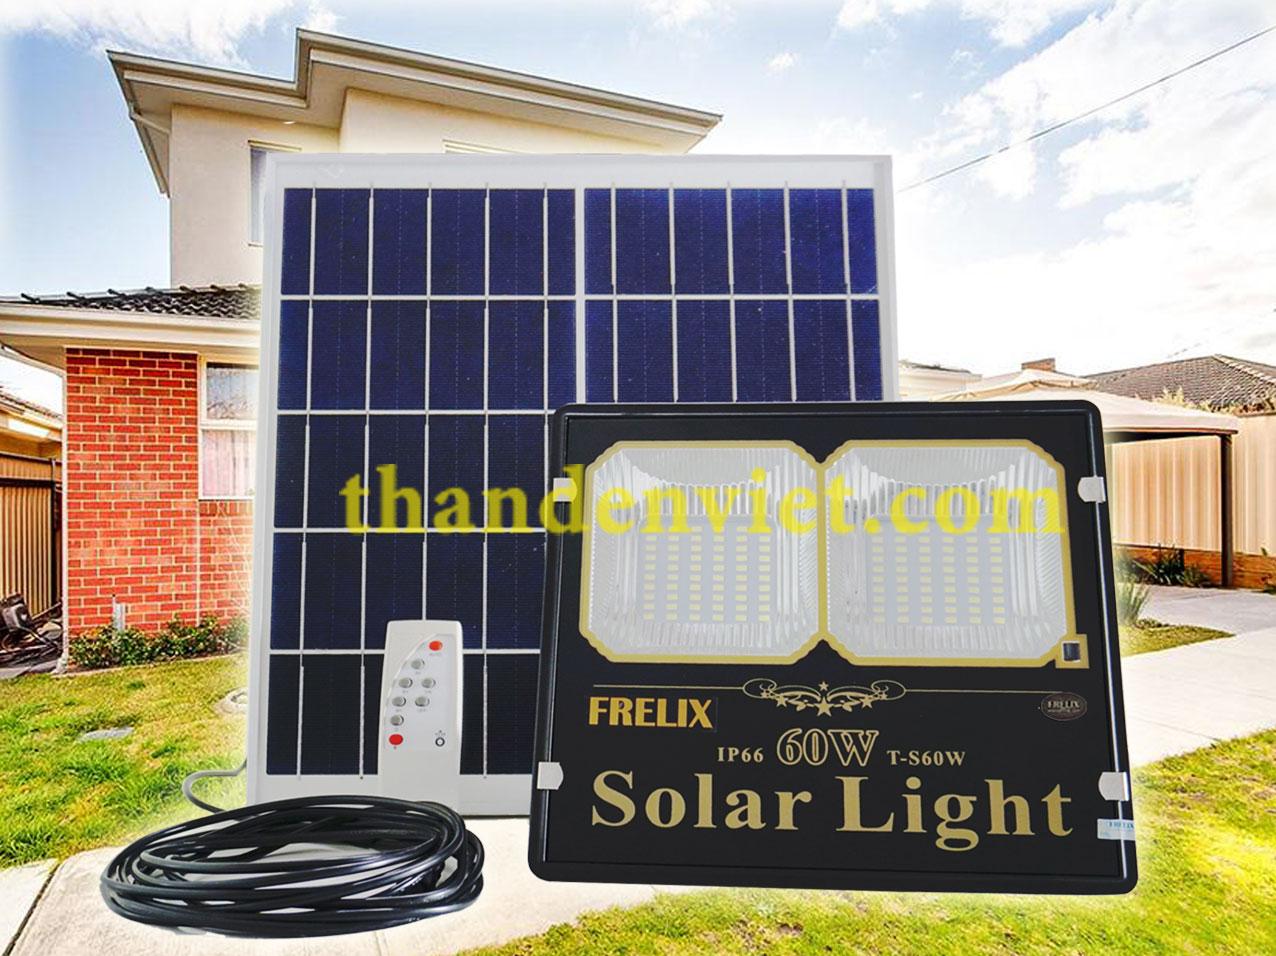 Đèn năng lượng mặt trời FRELIX Solar Light 60W 2 khoan led